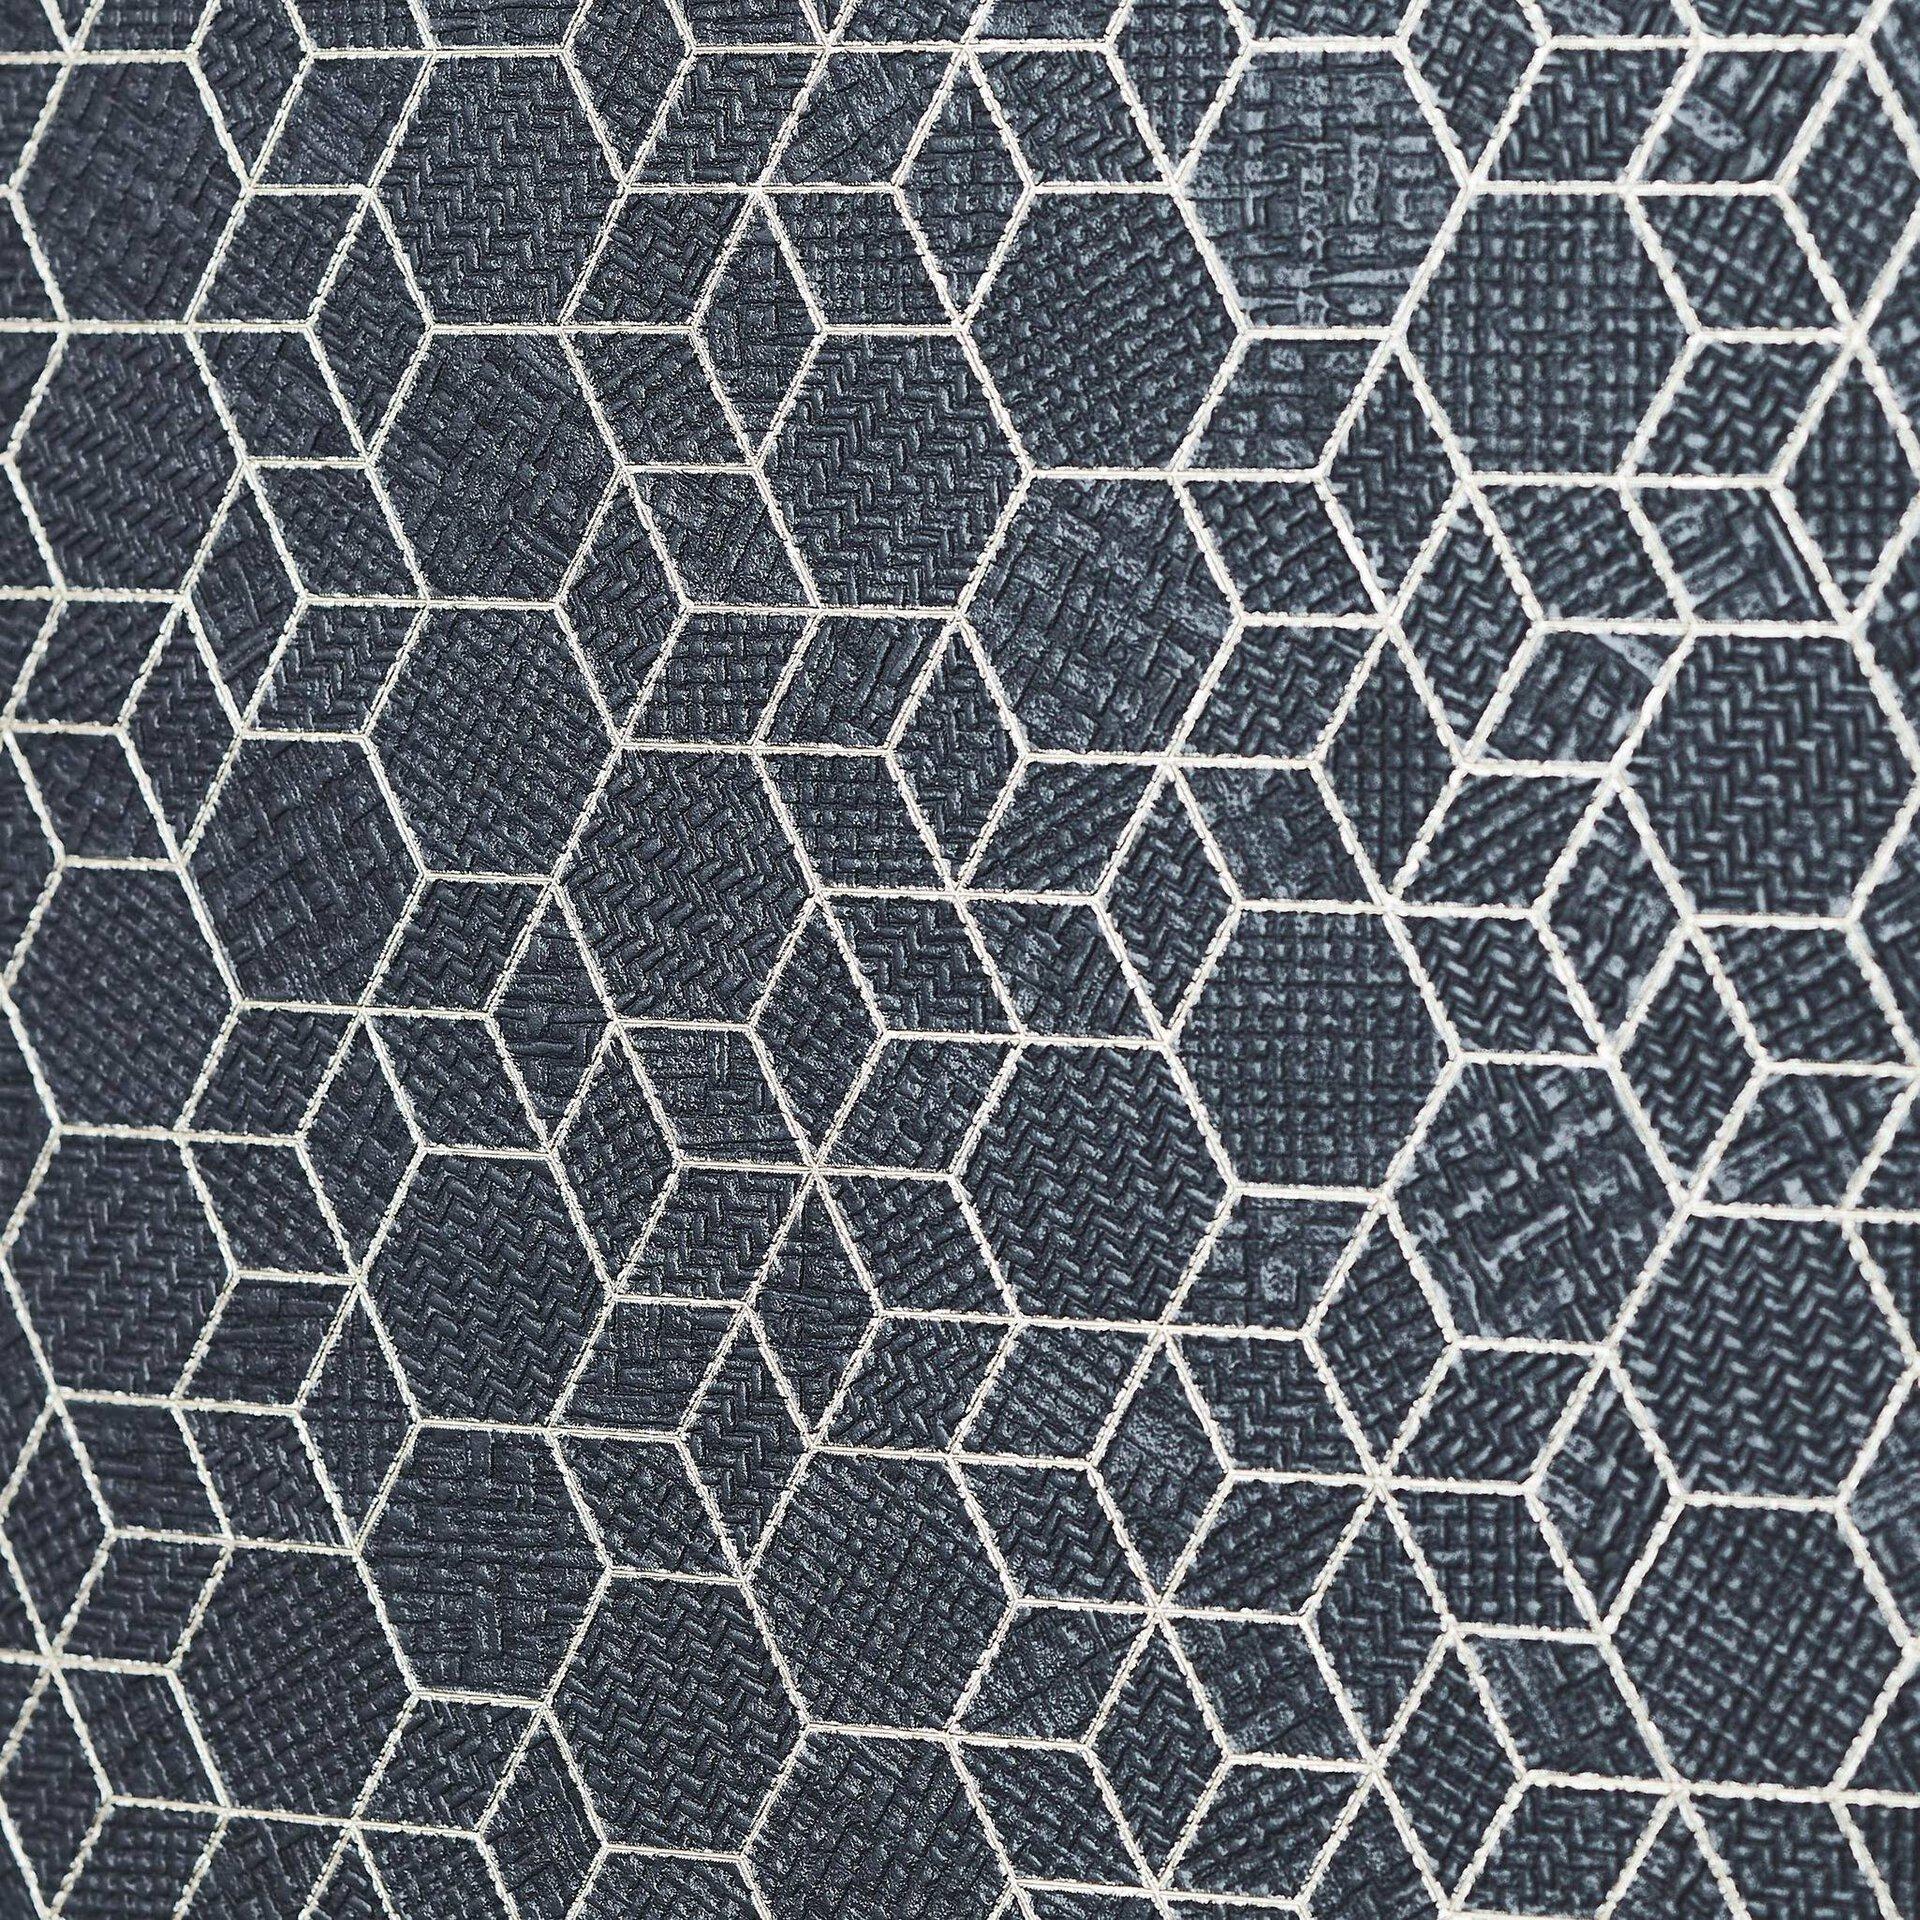 Tischleuchte GALANCE Brilliant Textil schwarz 25 x 46 x 25 cm